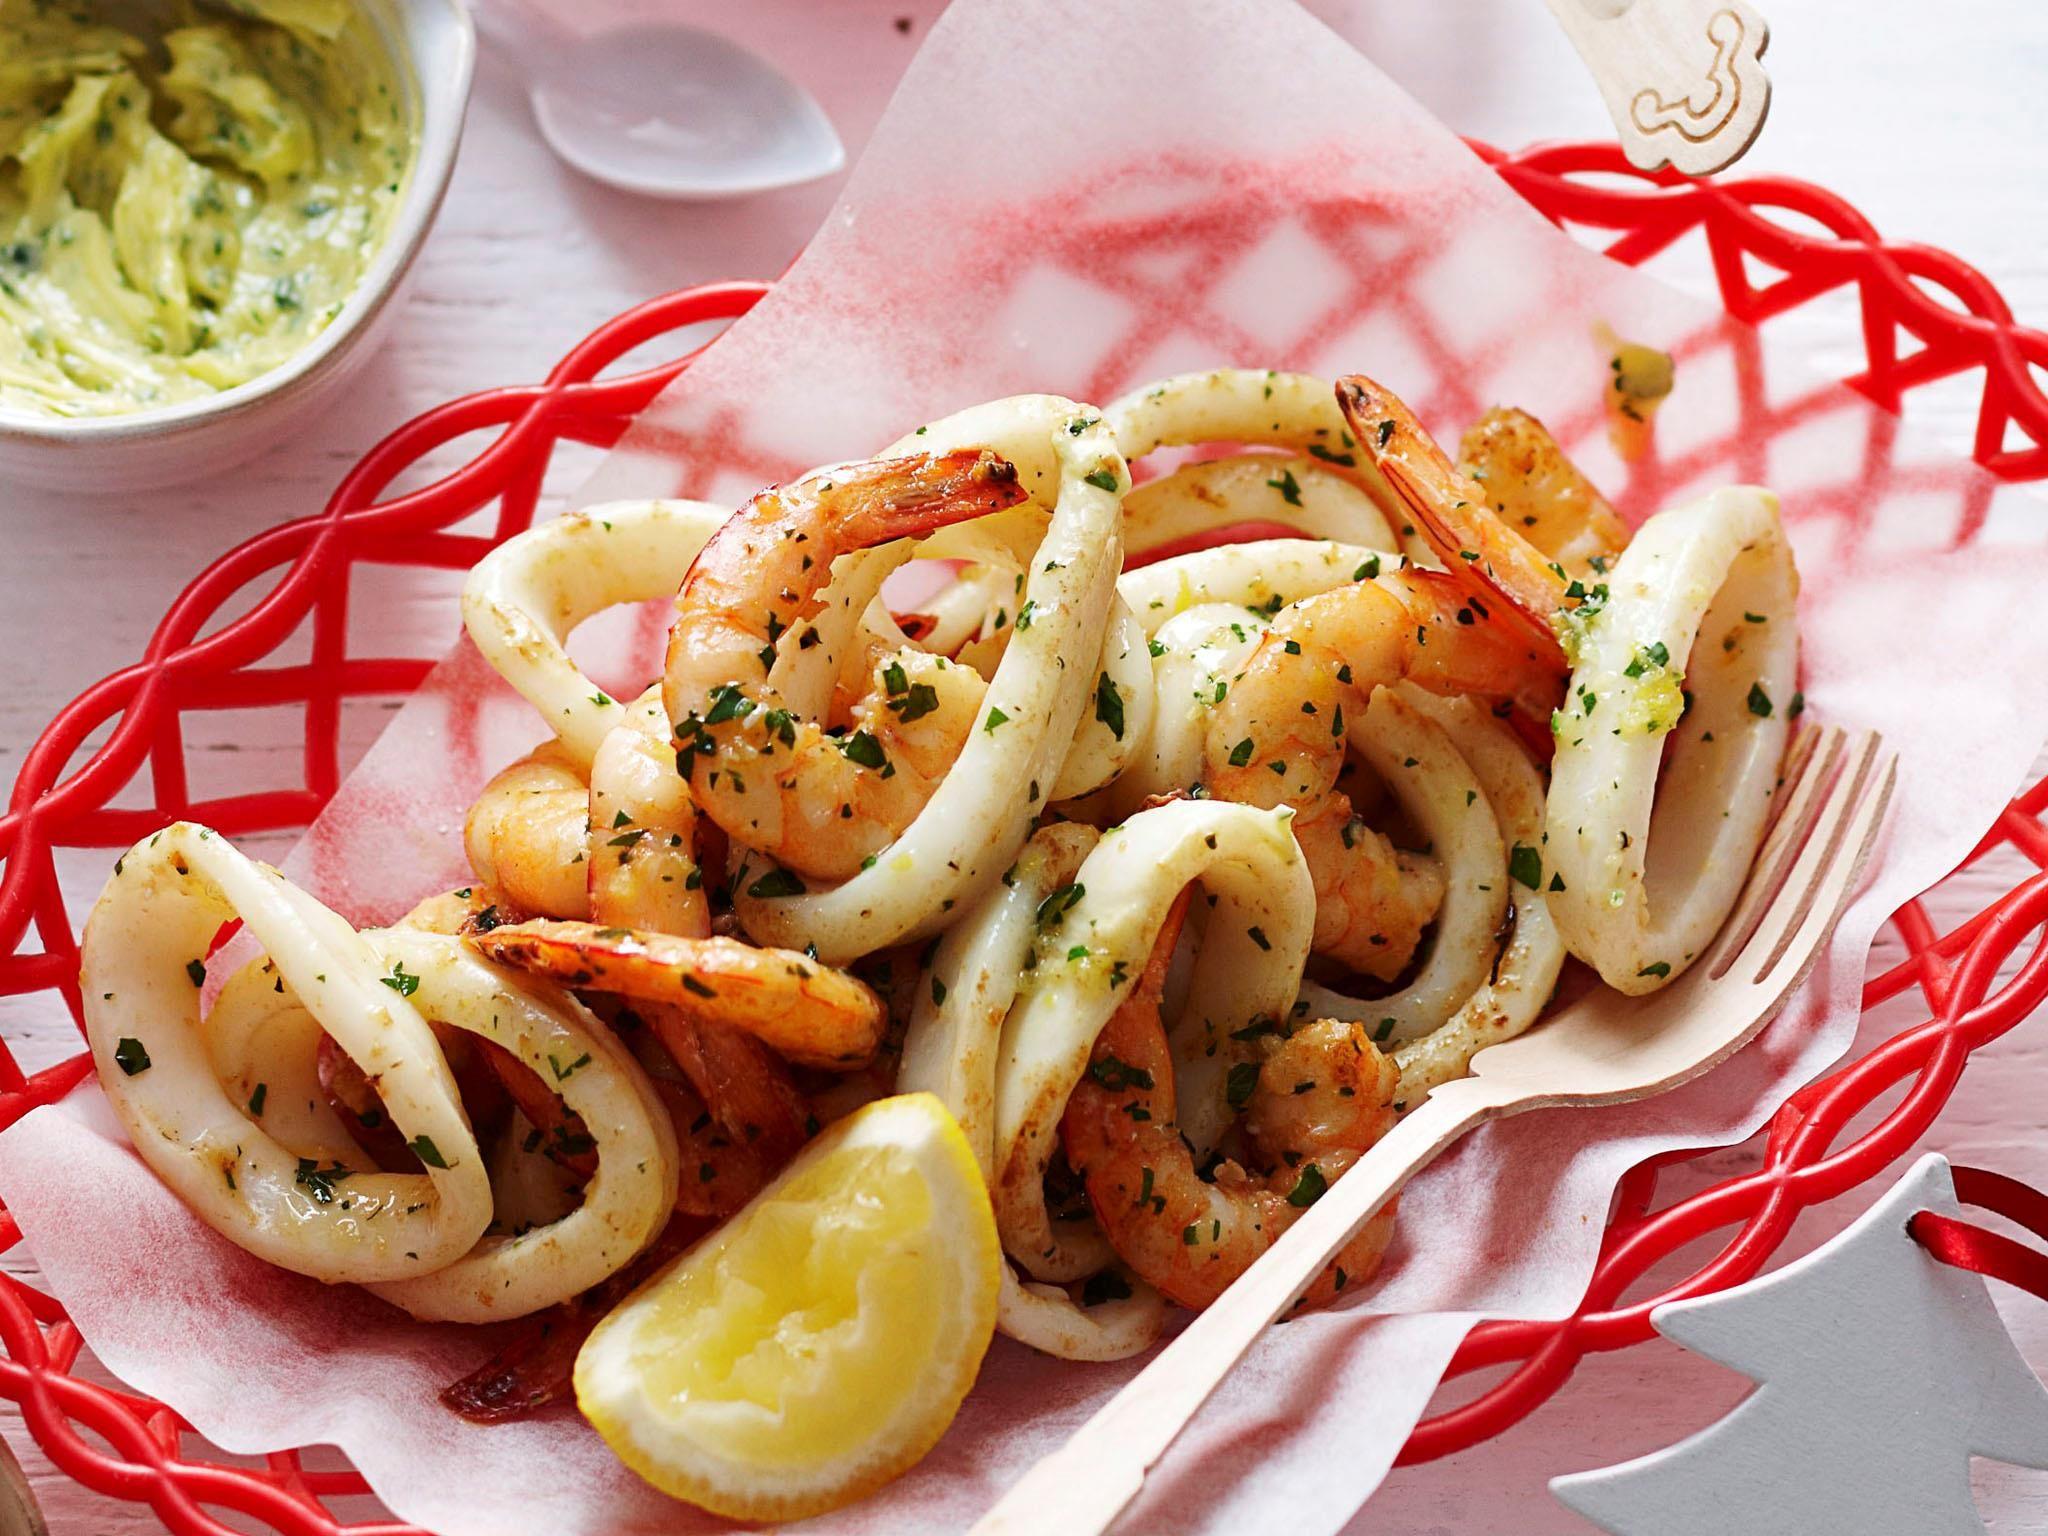 Cumi Cumi Seafood Lousiana Paling Lezat 2